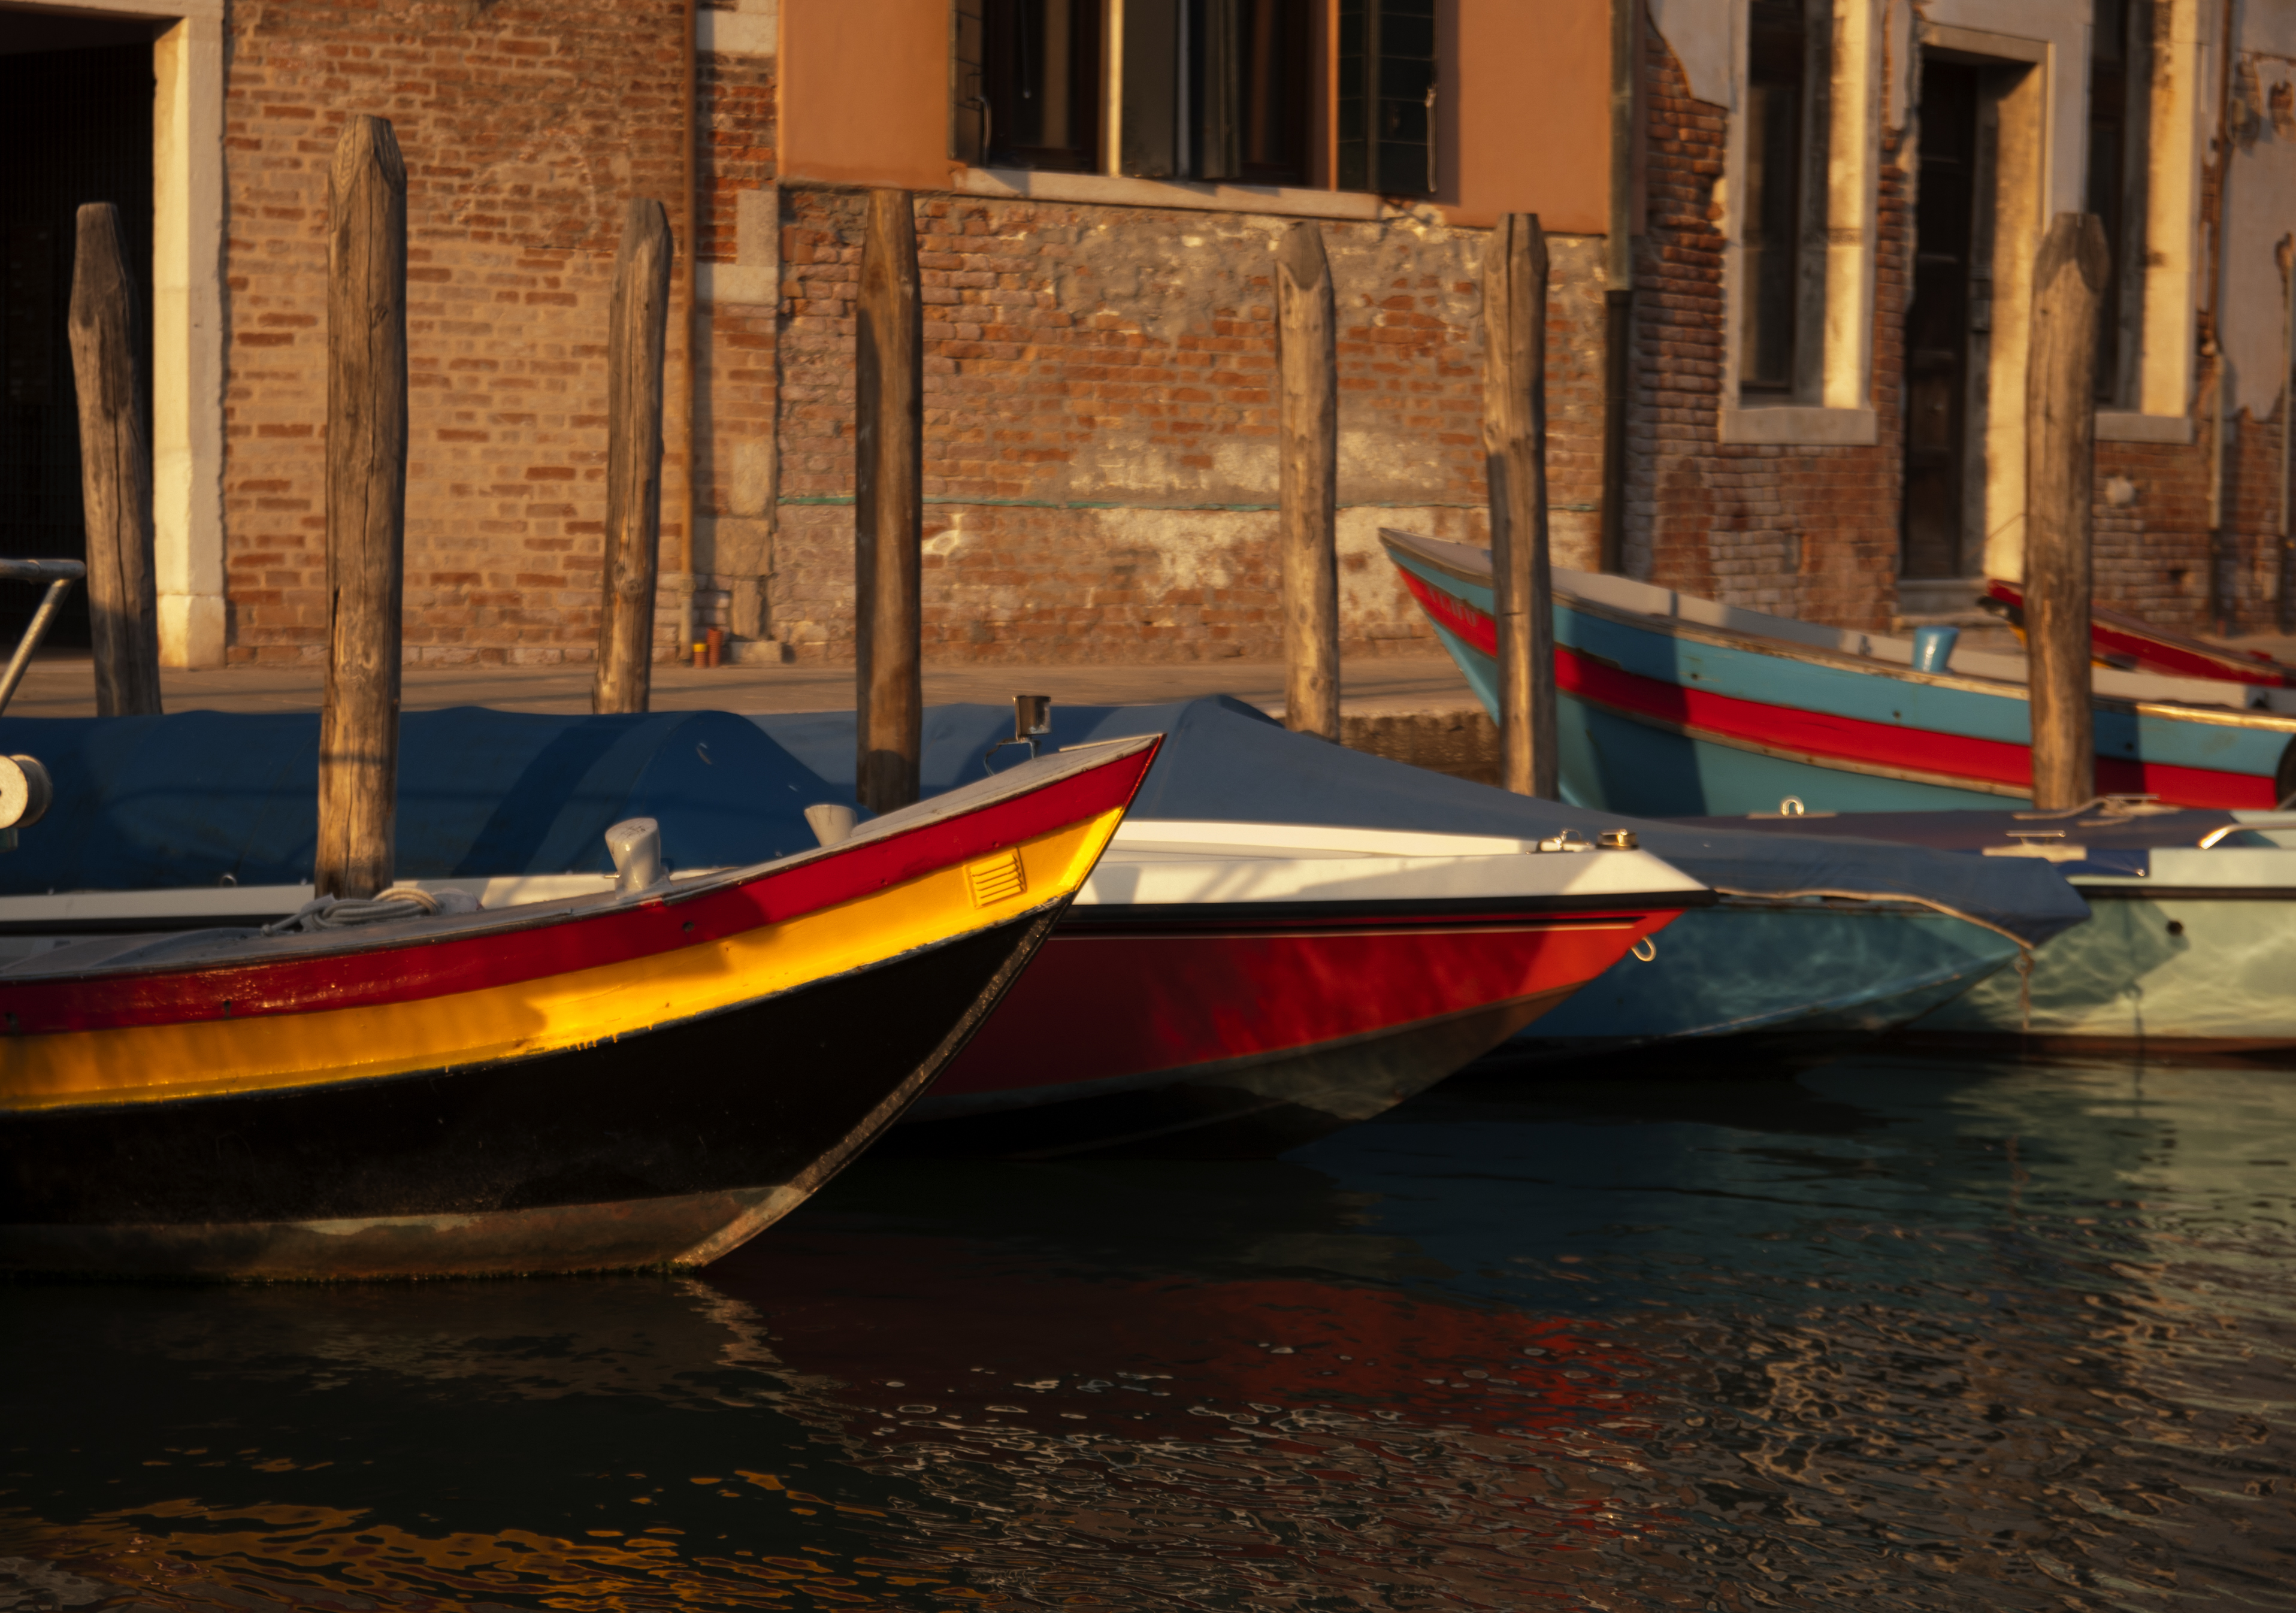 Uno scorcio del Lido di Venezia